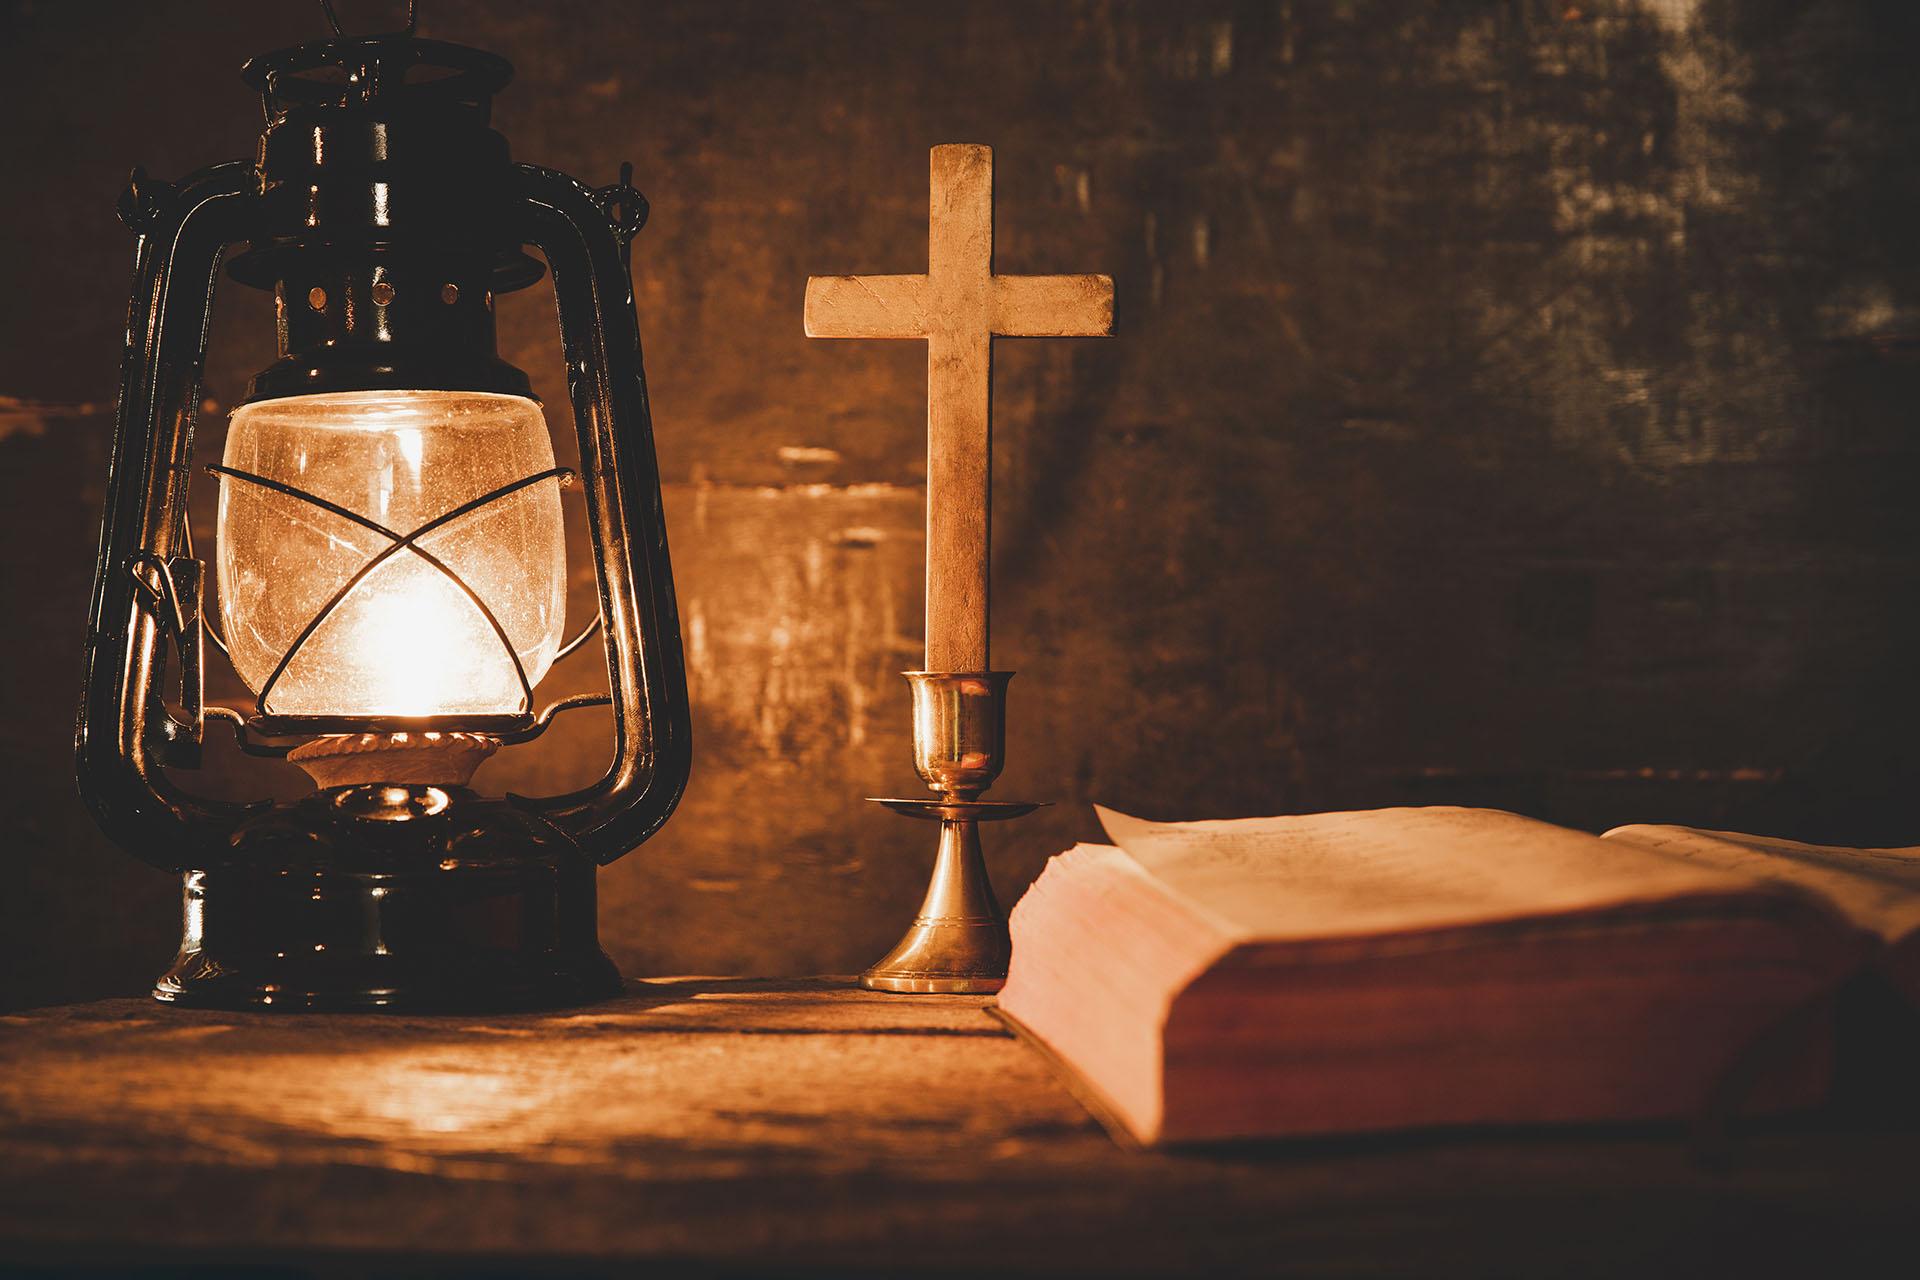 Kinh thánh và chúa giêsu